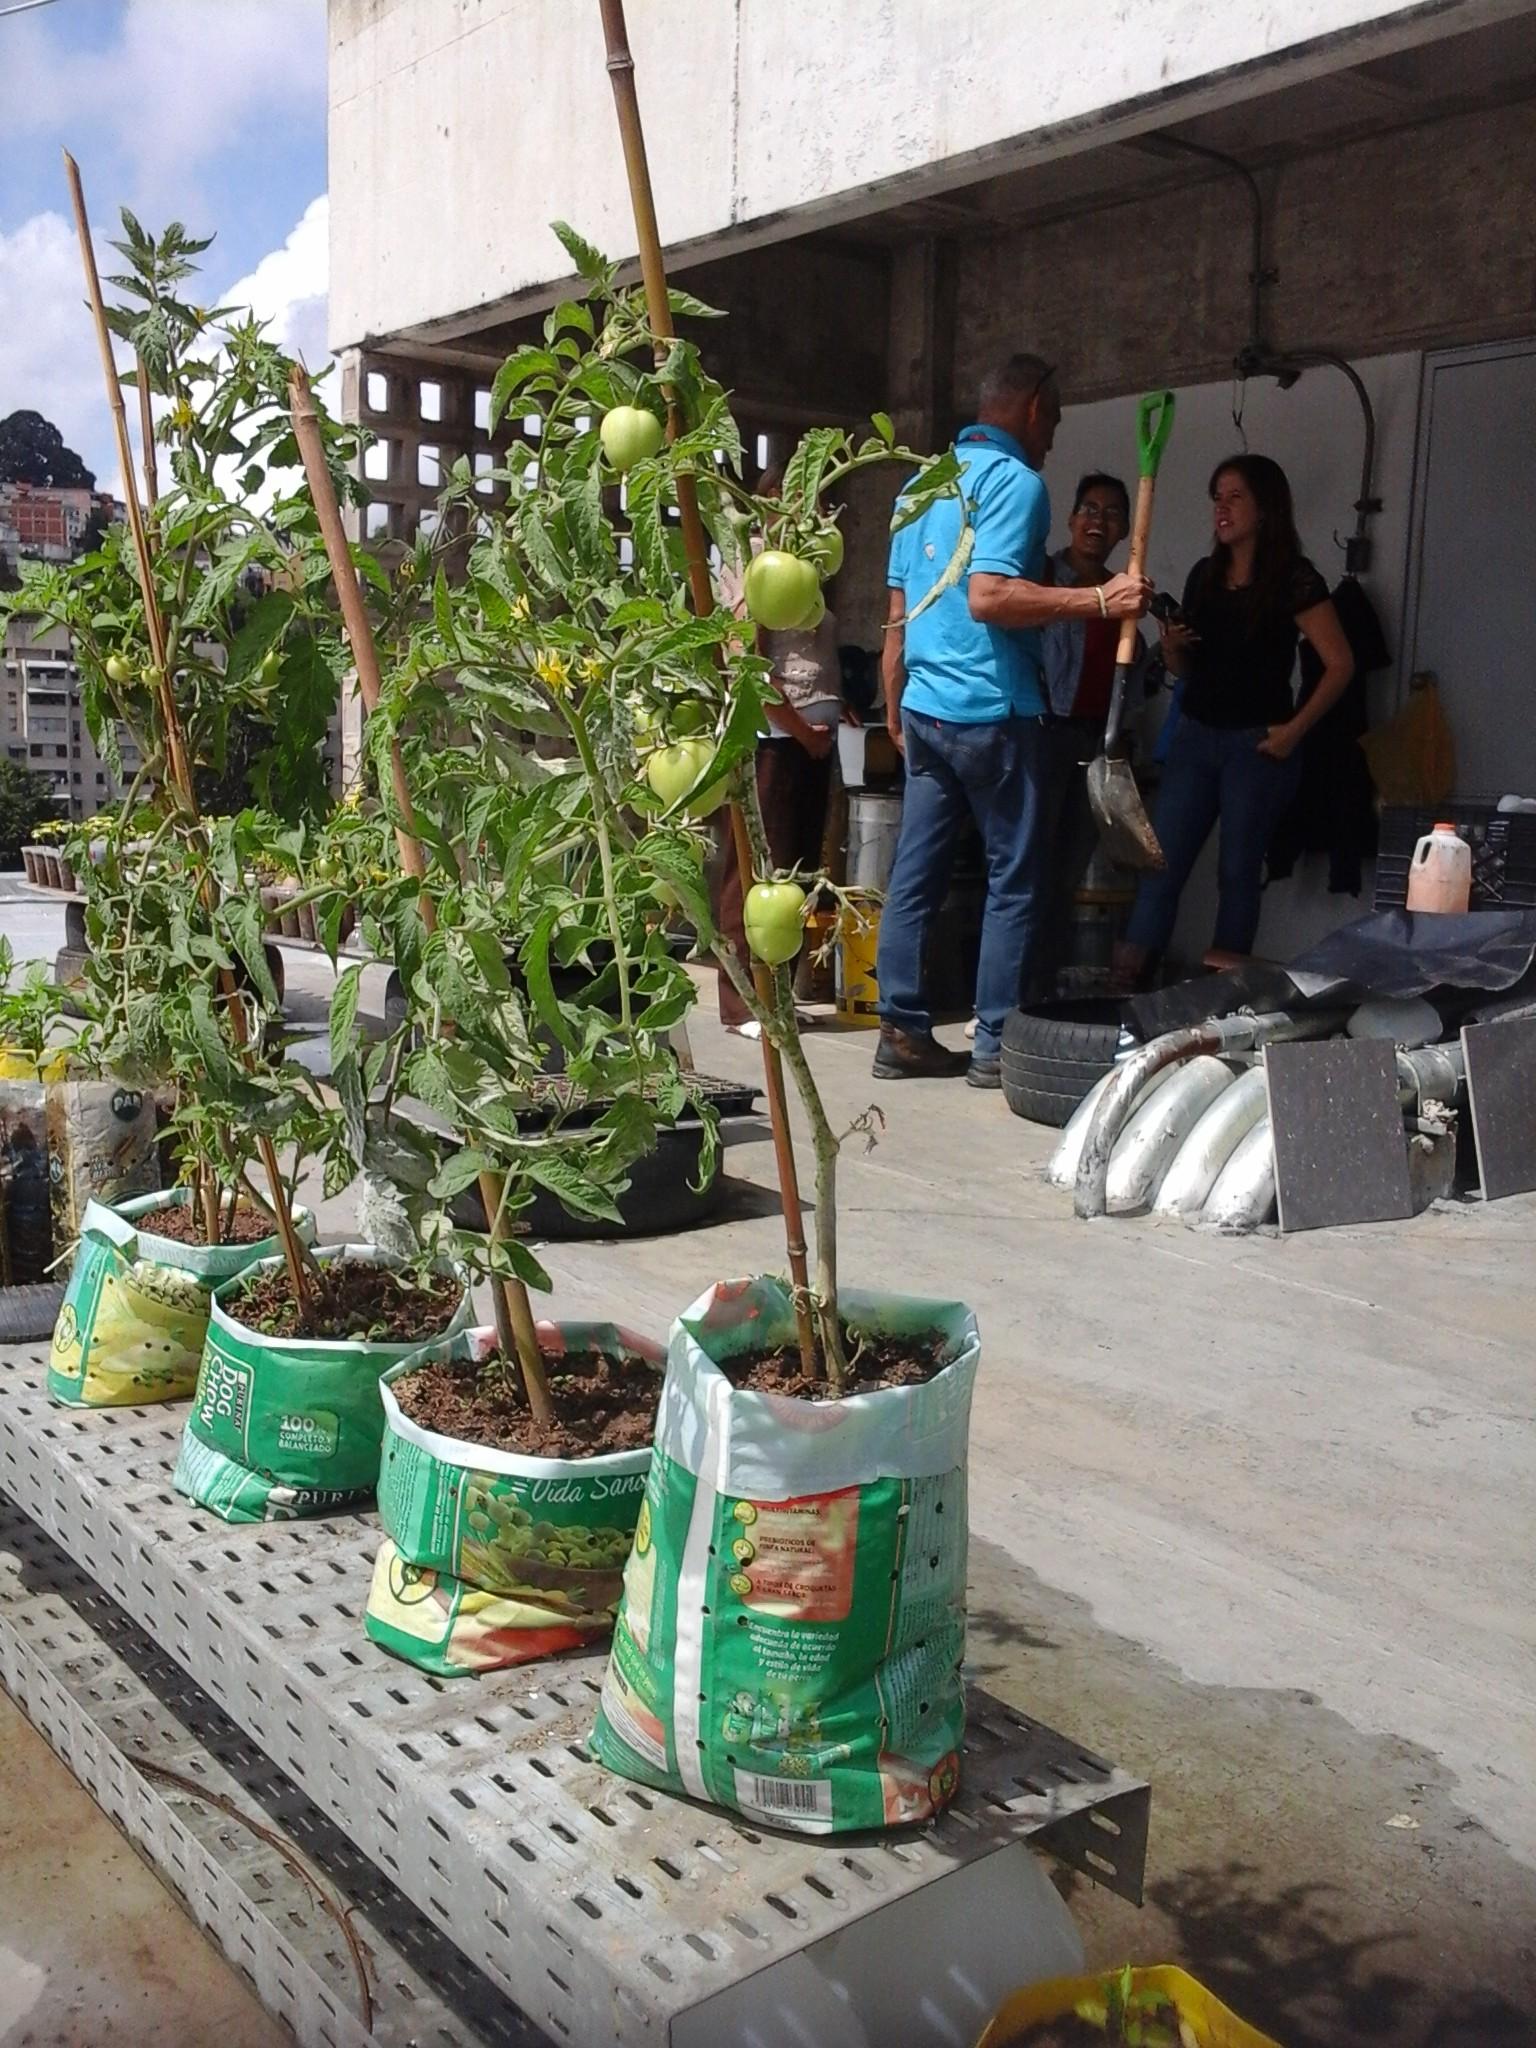 Avanzan los talleres de formación de agricultura urbana en Metro Los Teques